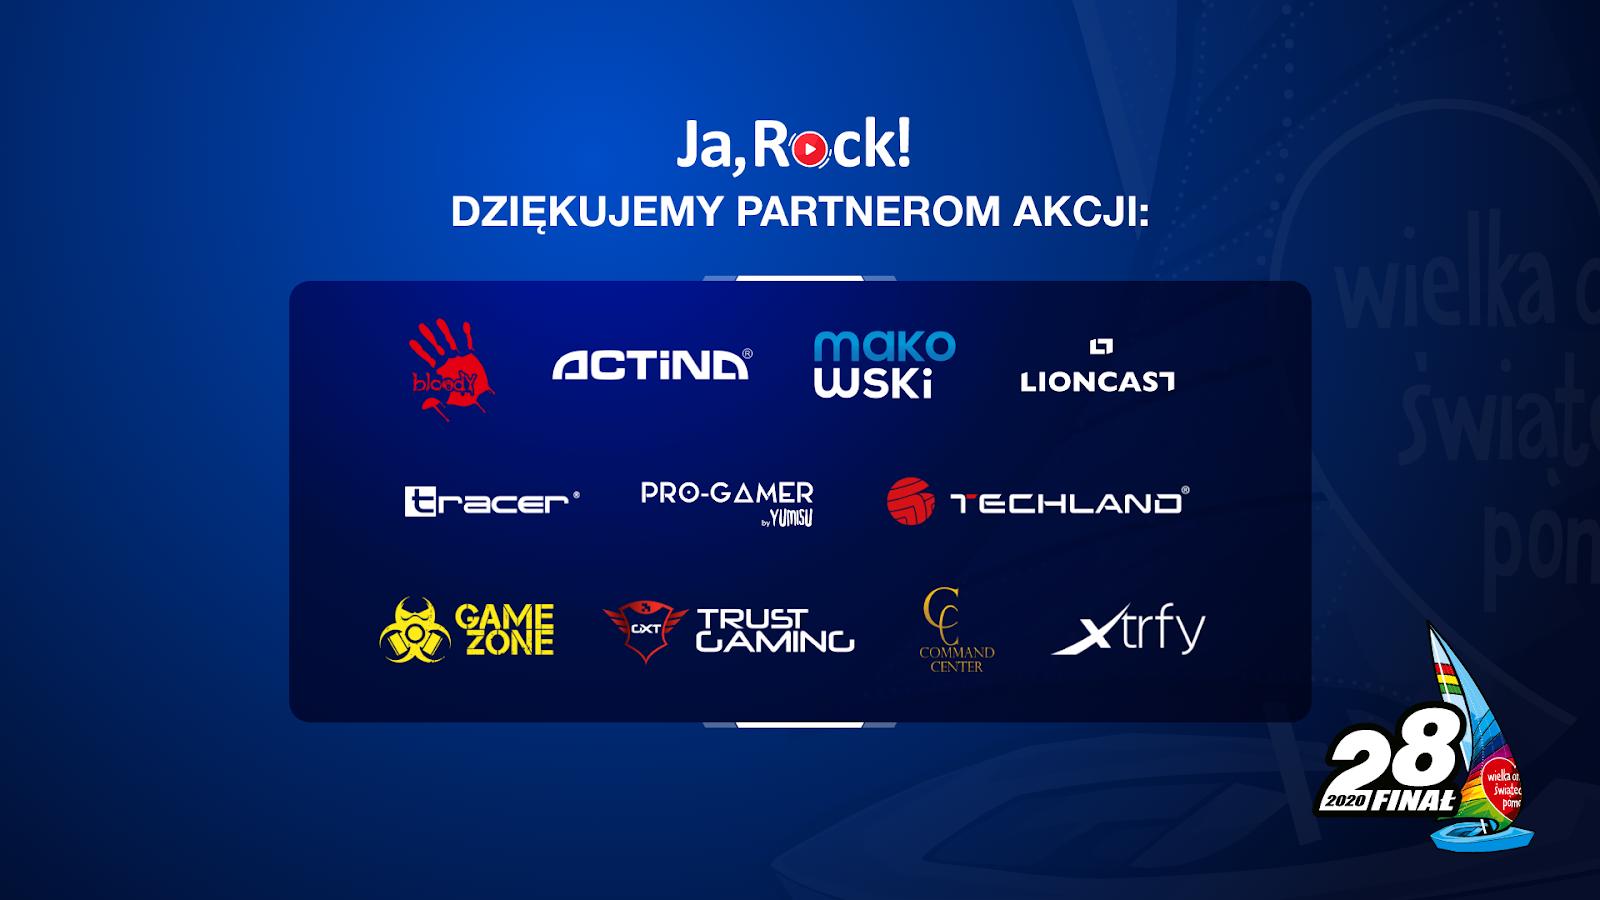 JaRock WOŚP partnerzy